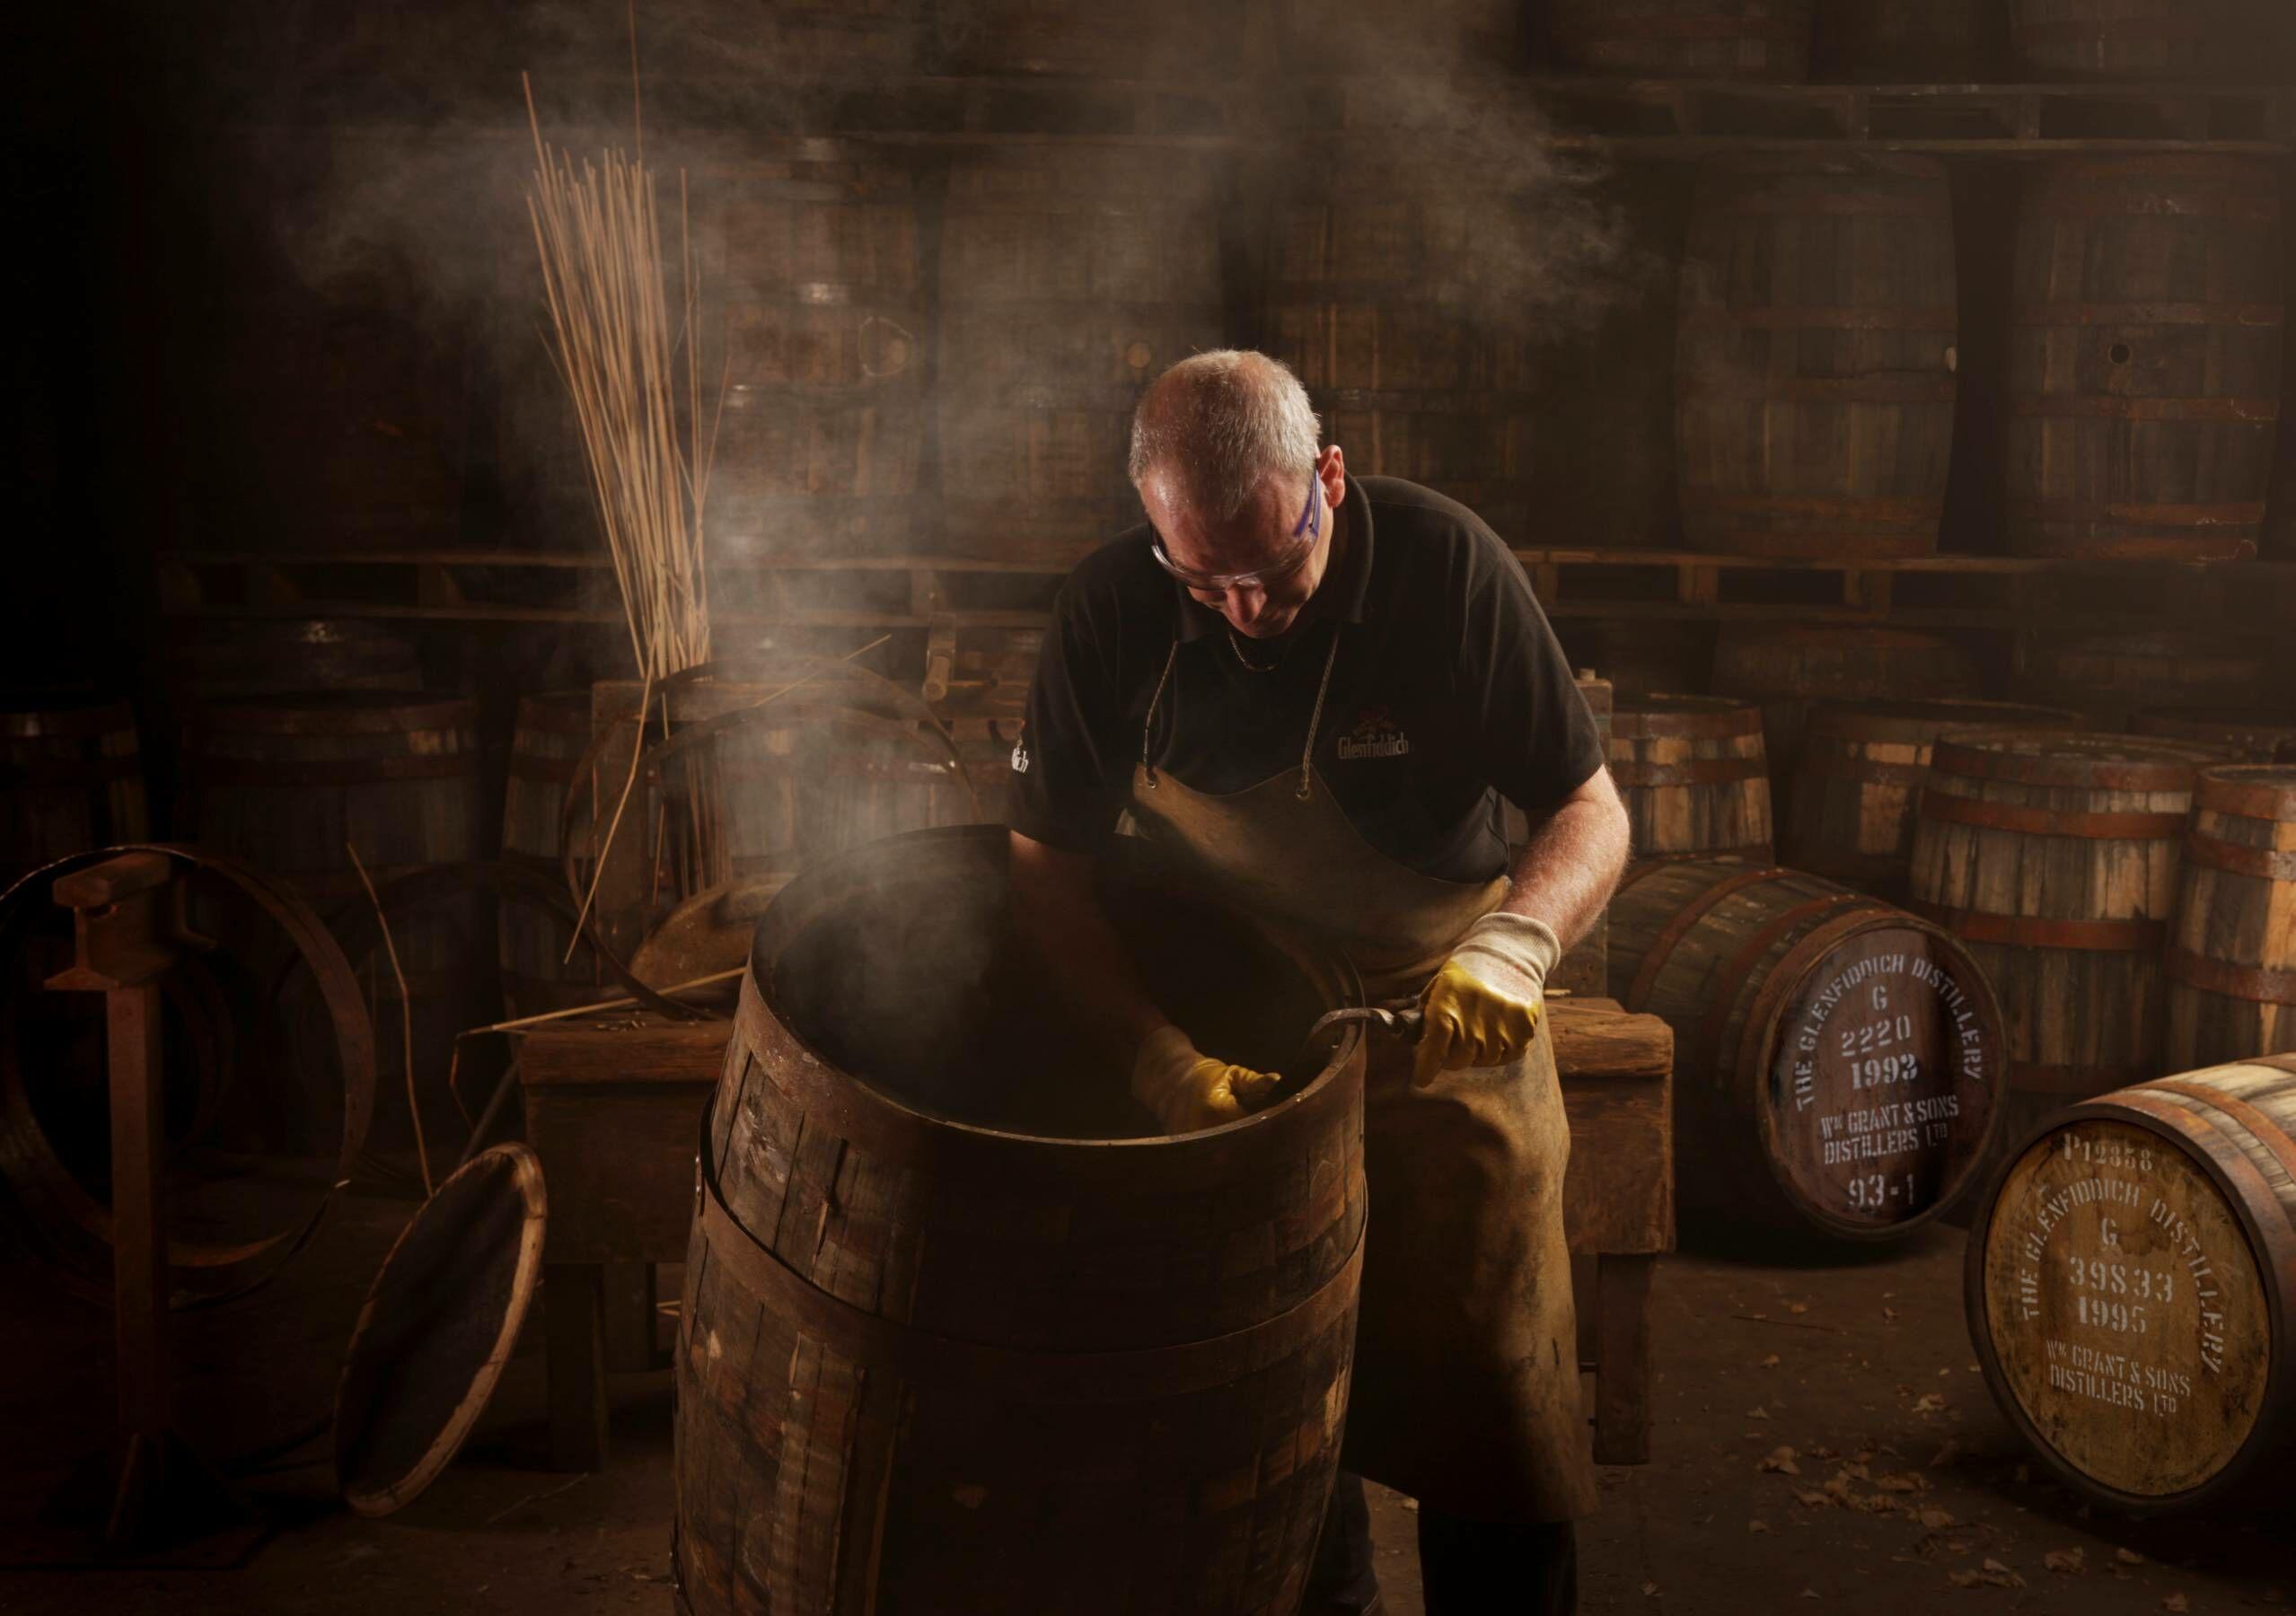 Glenfiddich casks